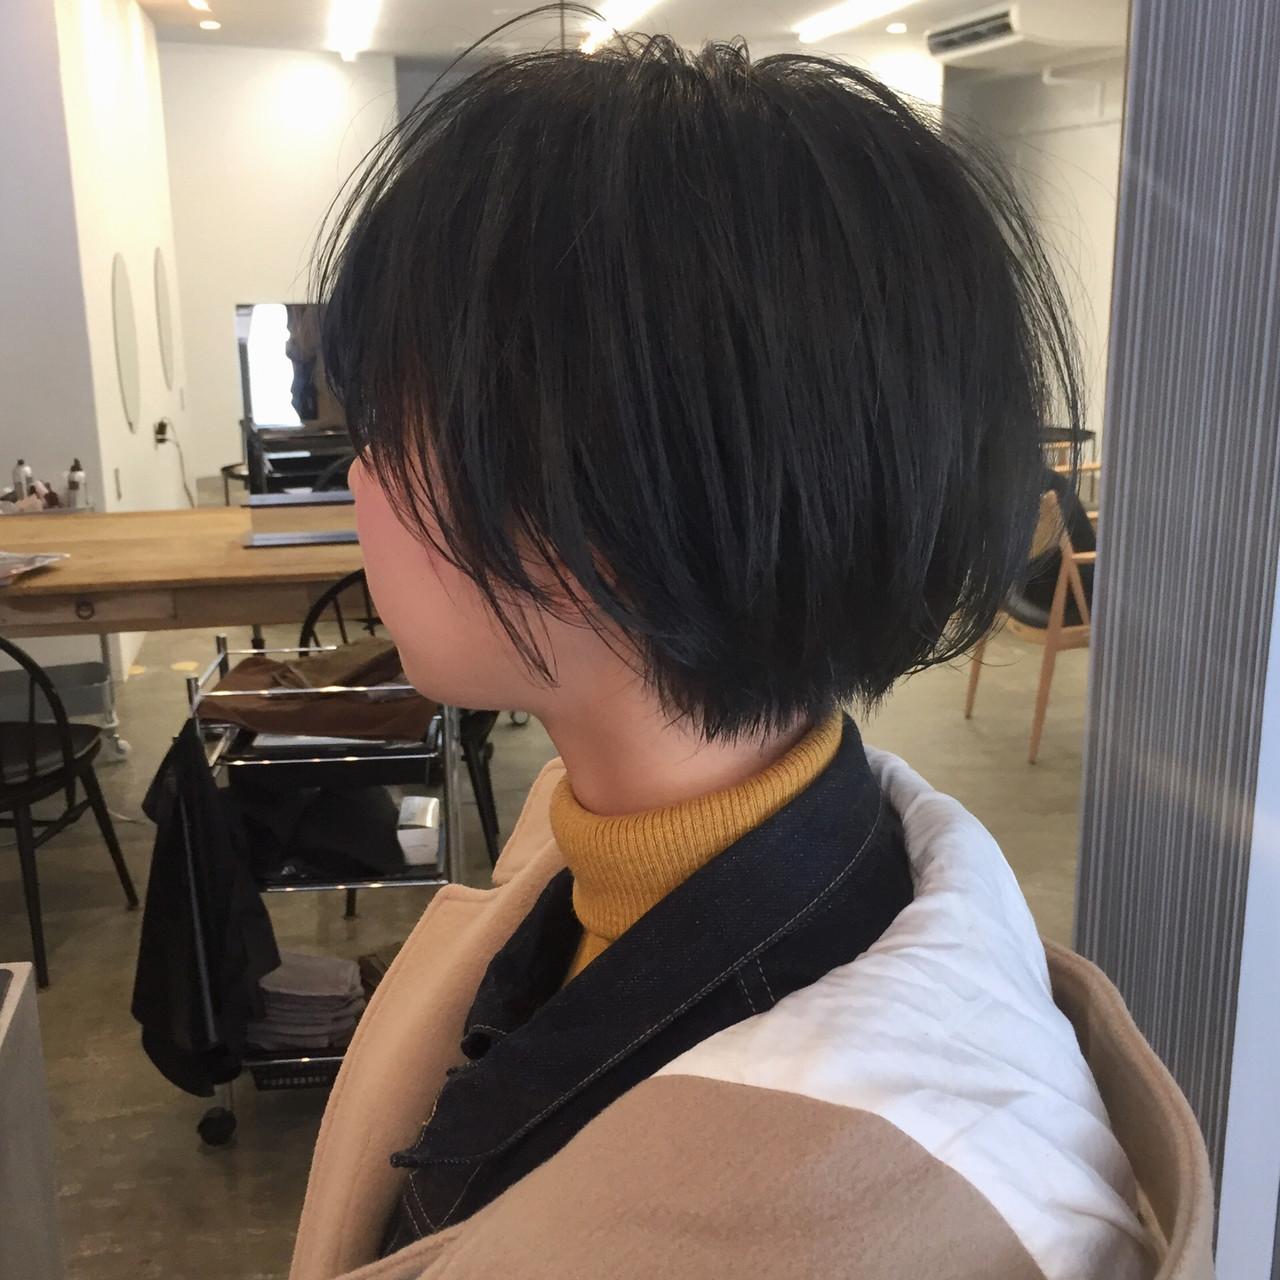 小顔ショート ハンサムショート ショート 大人ショート ヘアスタイルや髪型の写真・画像   【ショート&ショートボブはお任せください】淺川聖 / parc sapporo